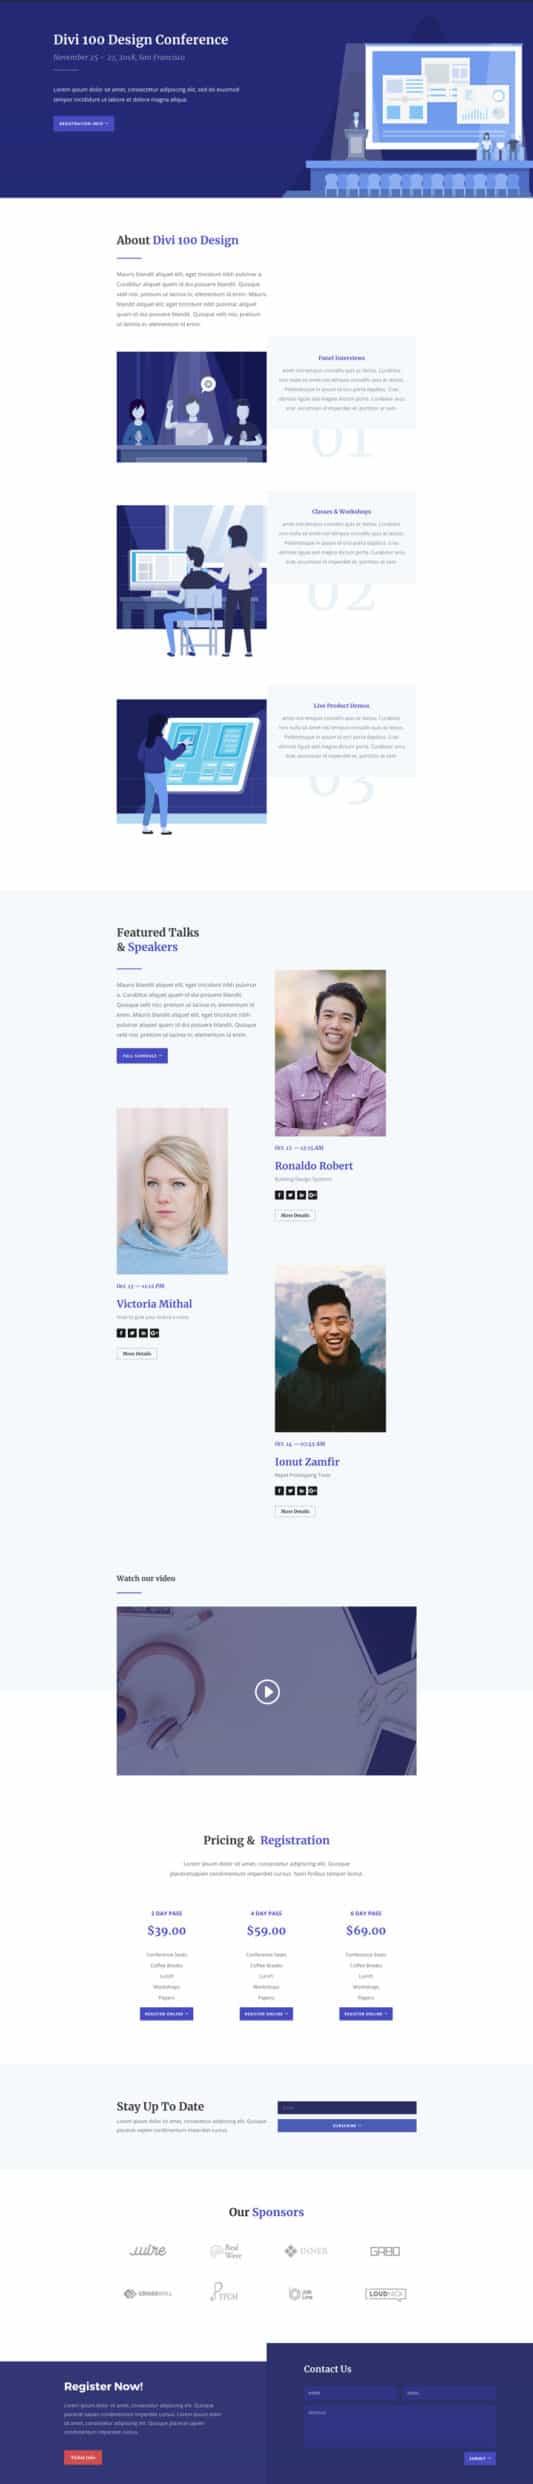 Design Conference Web Design 5